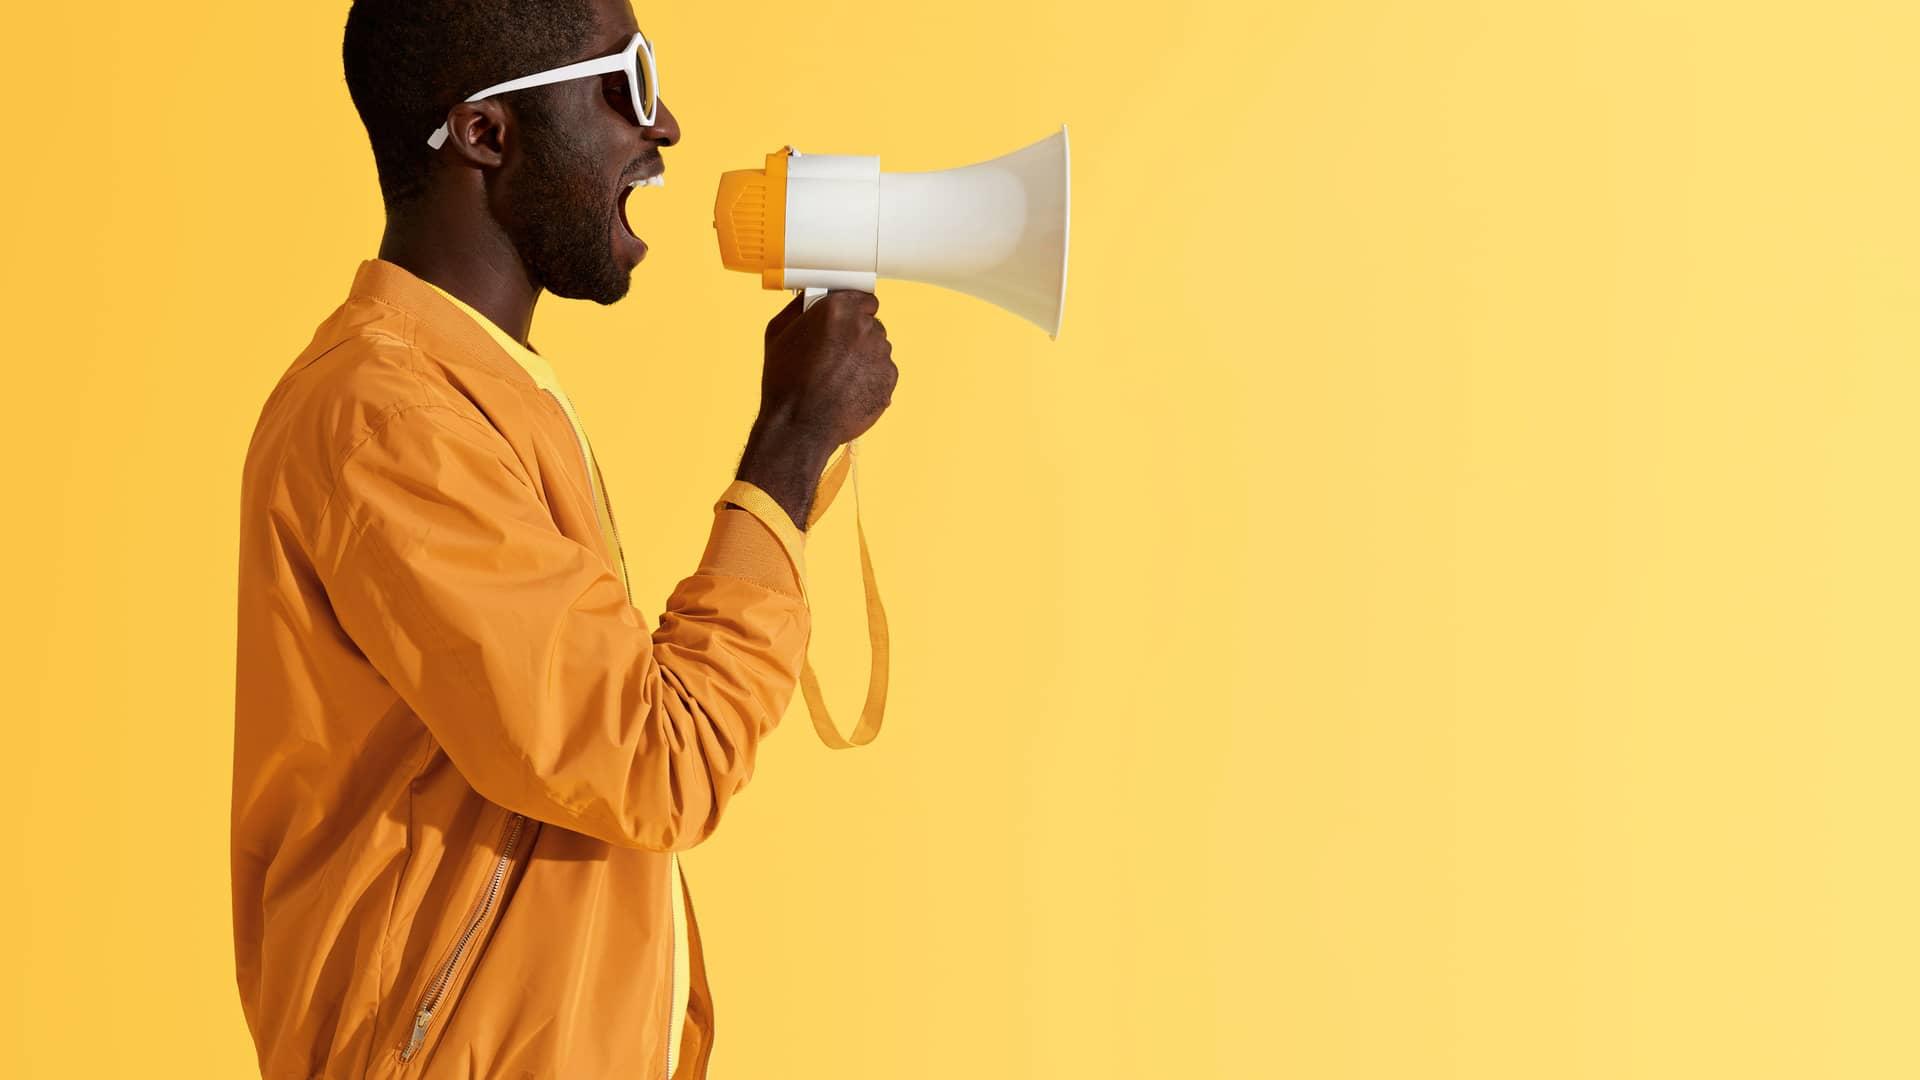 Joven con megáfono representa opinión de clientes yoigo